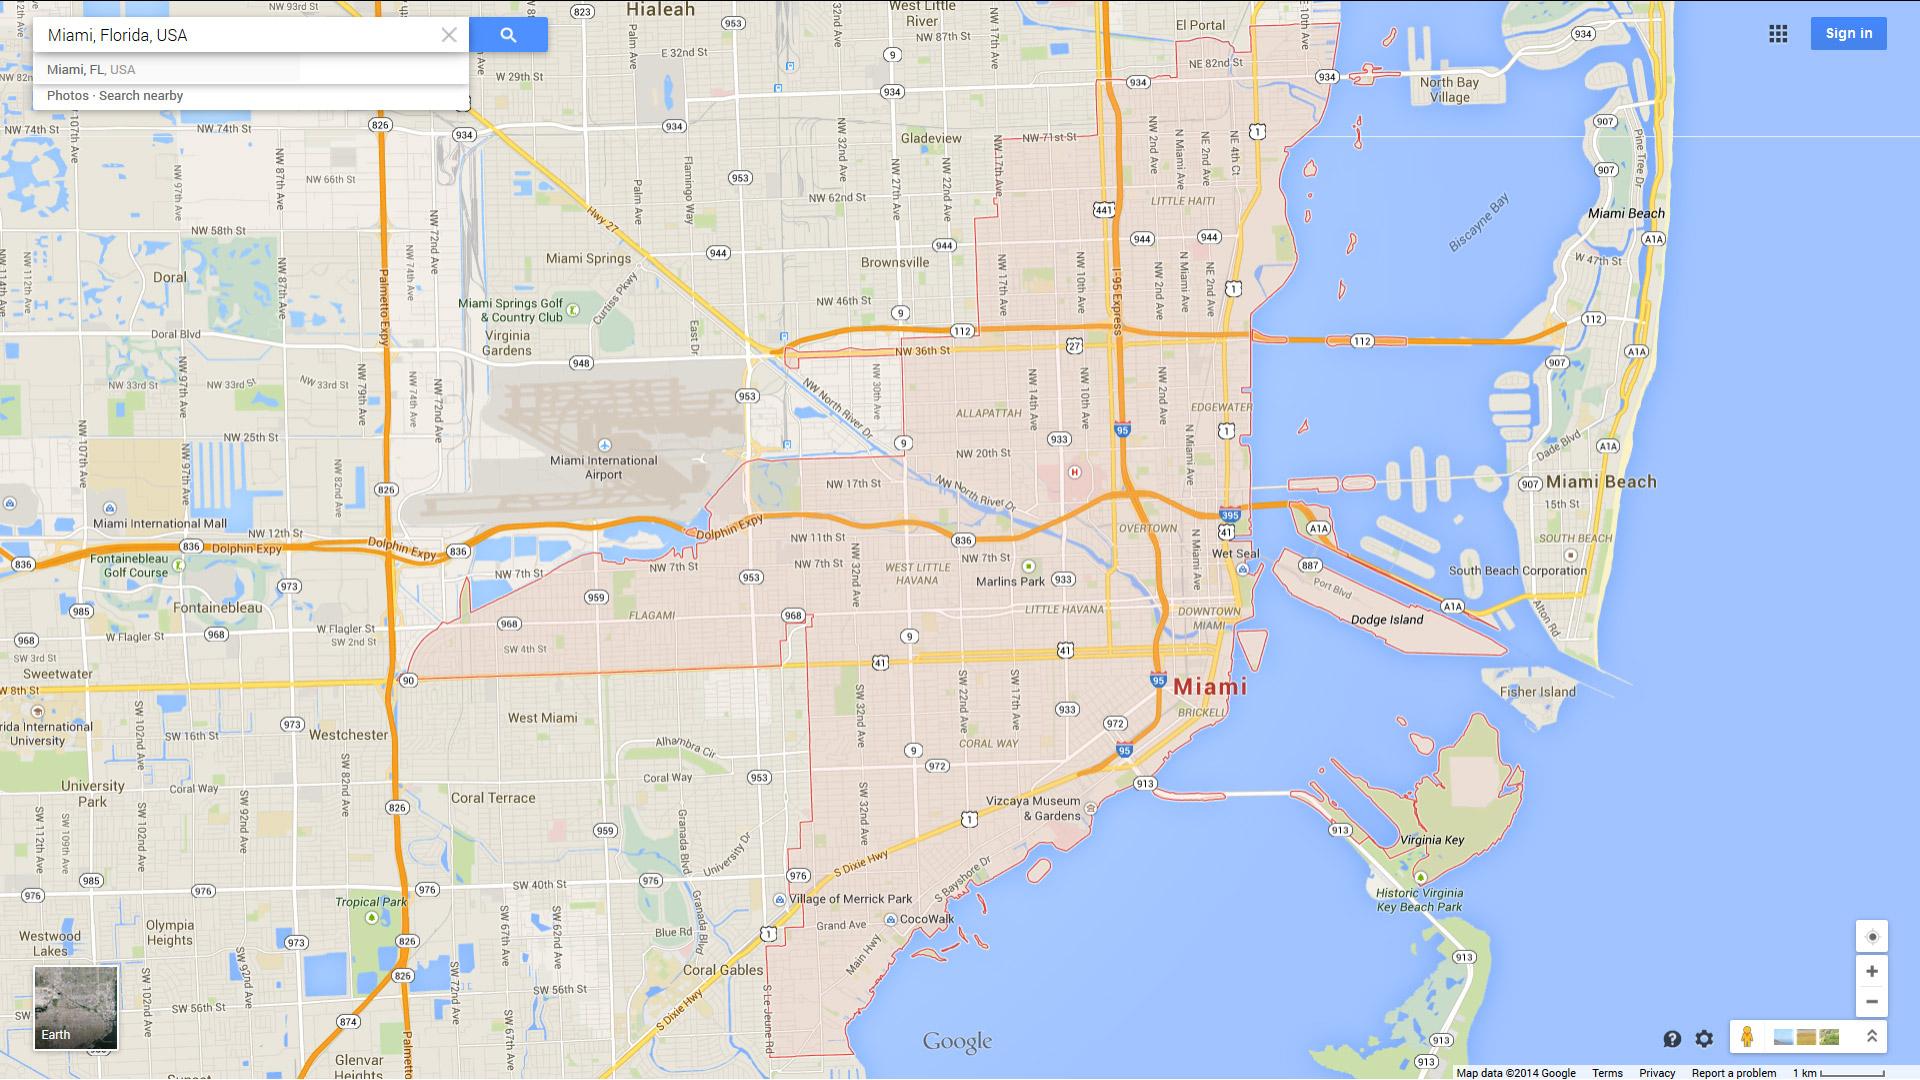 Miami, Florida Map - Street Map Of Miami Florida